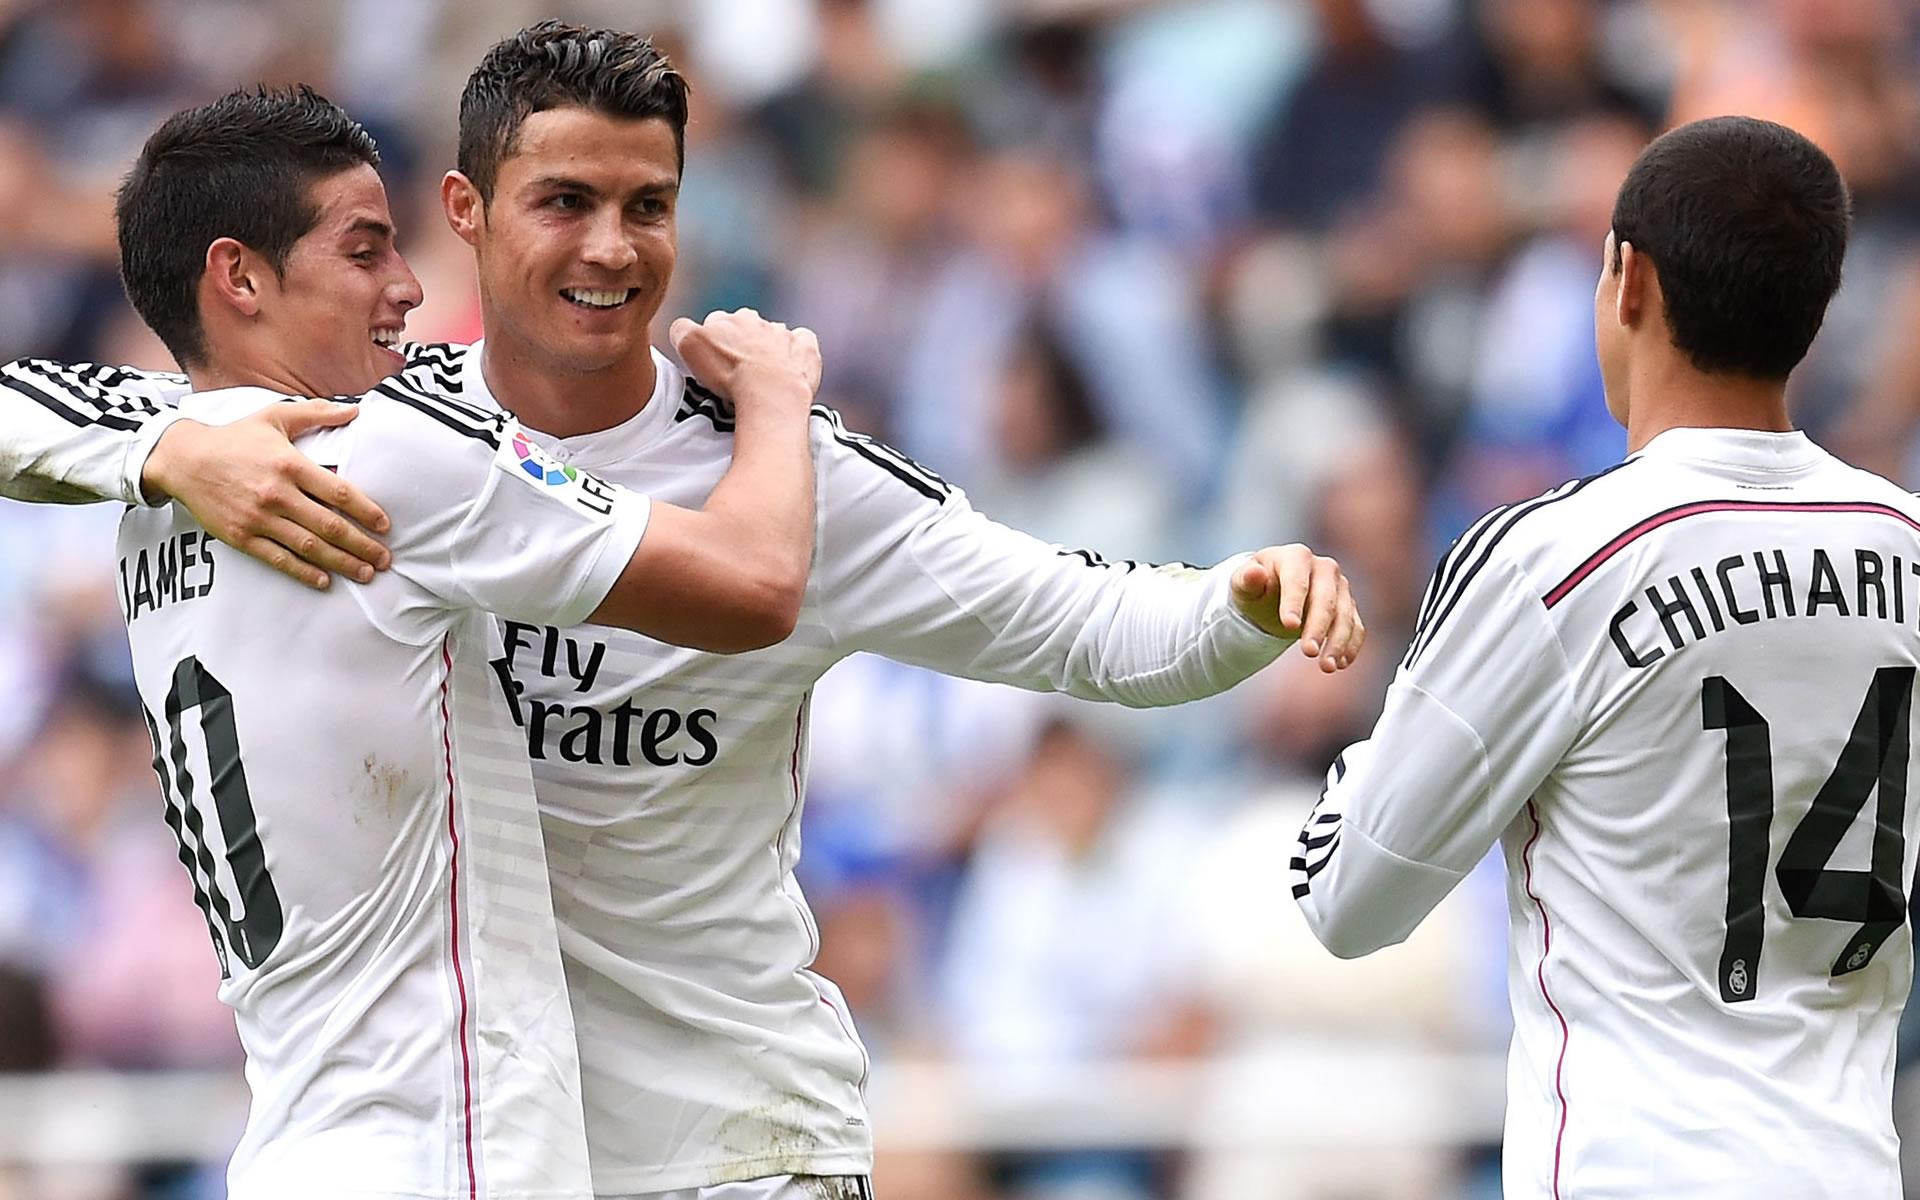 Cristiano Ronaldo celebrating wallpaper